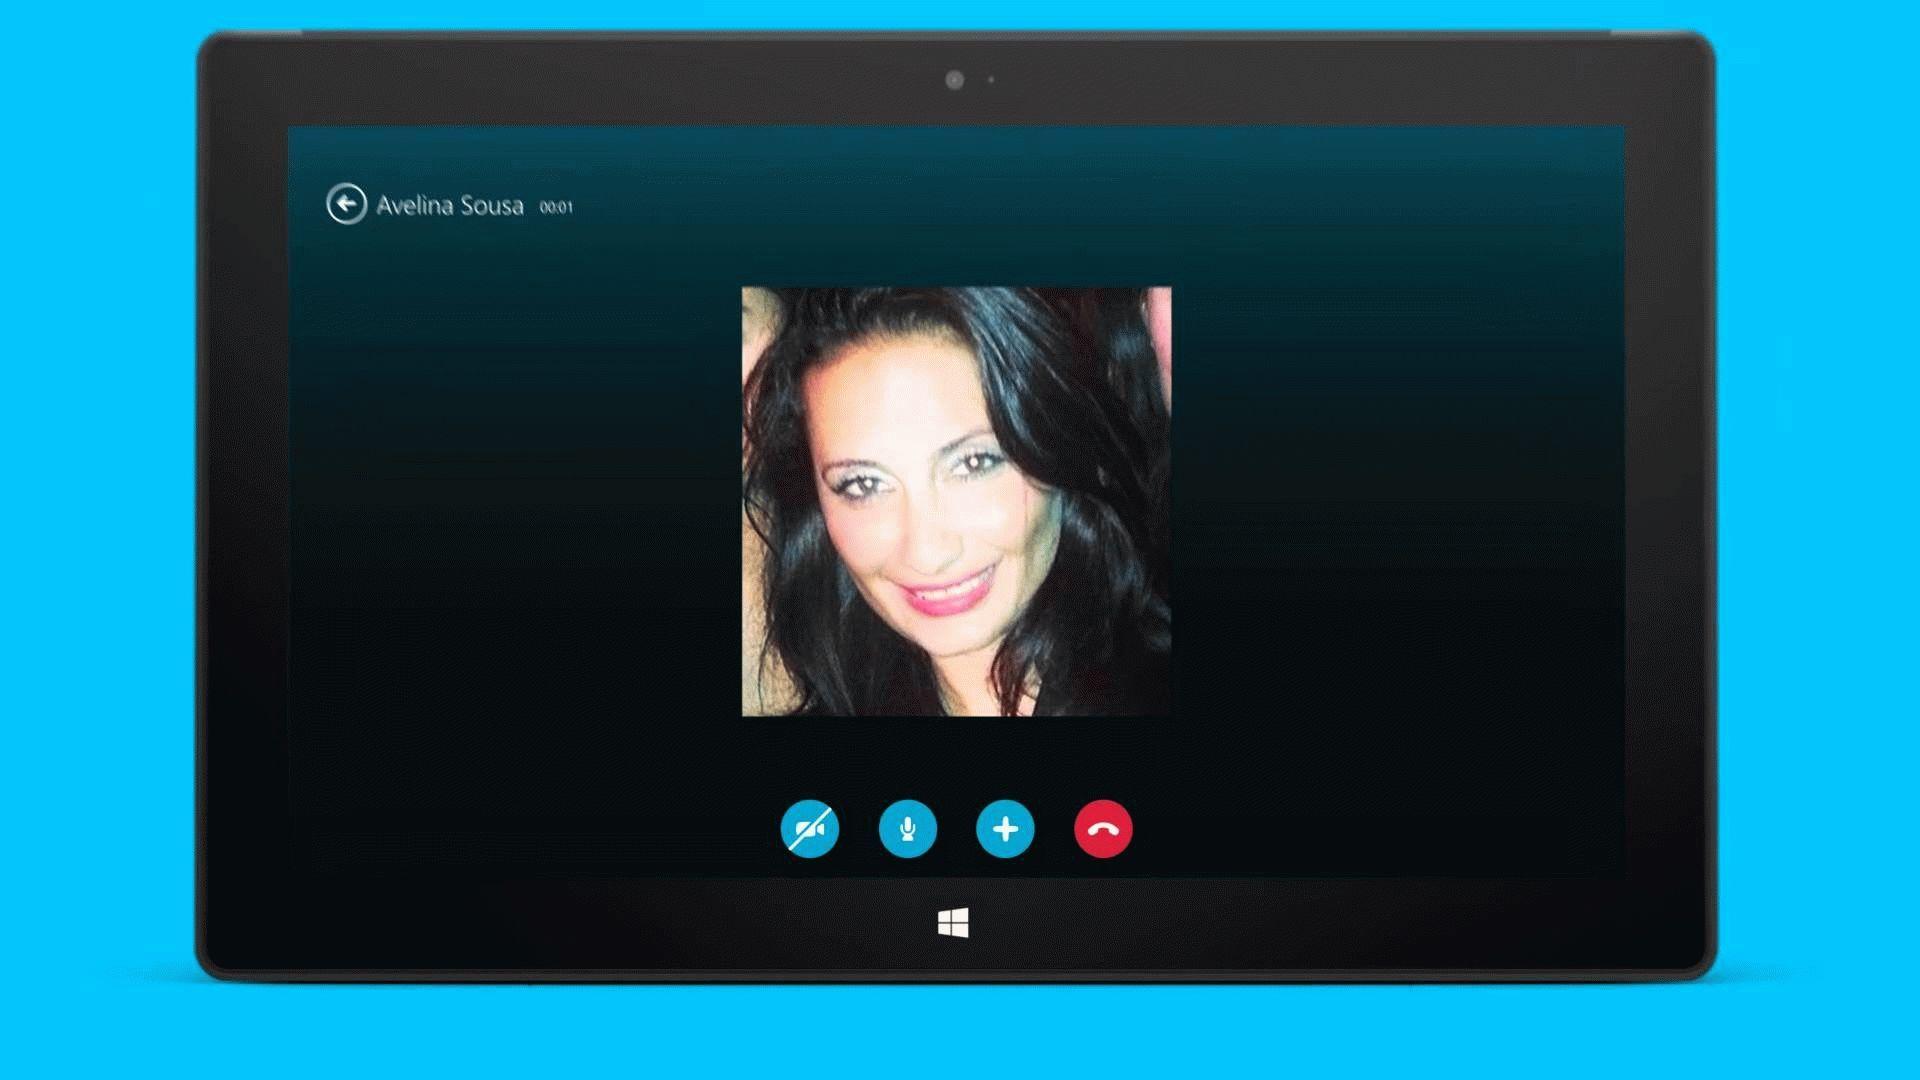 Как сделать фото себя через скайп